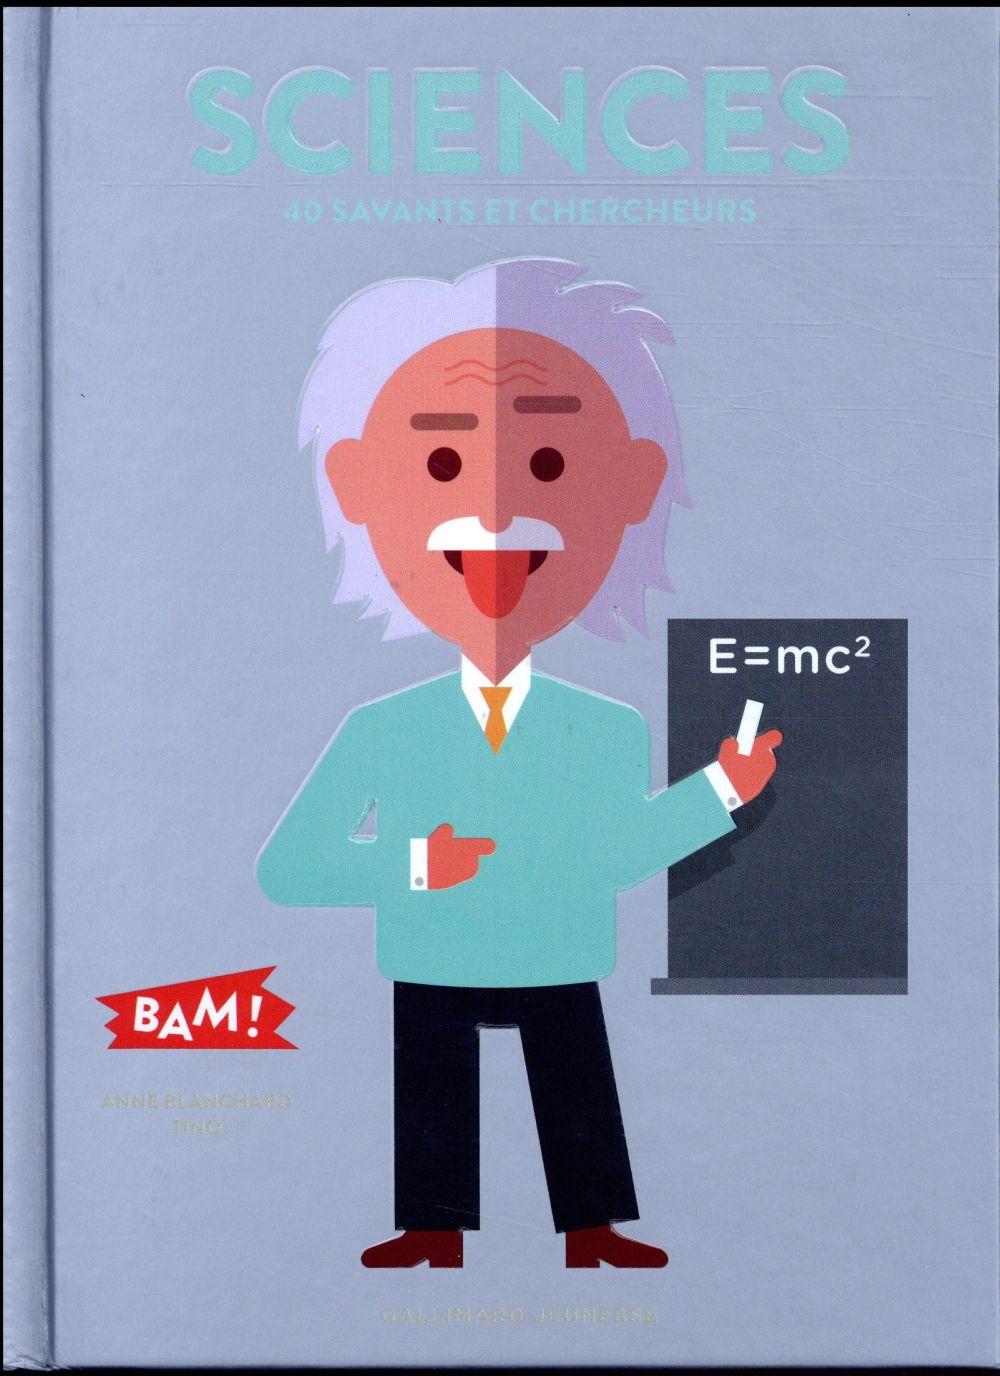 Science ; 40 savants et chercheurs